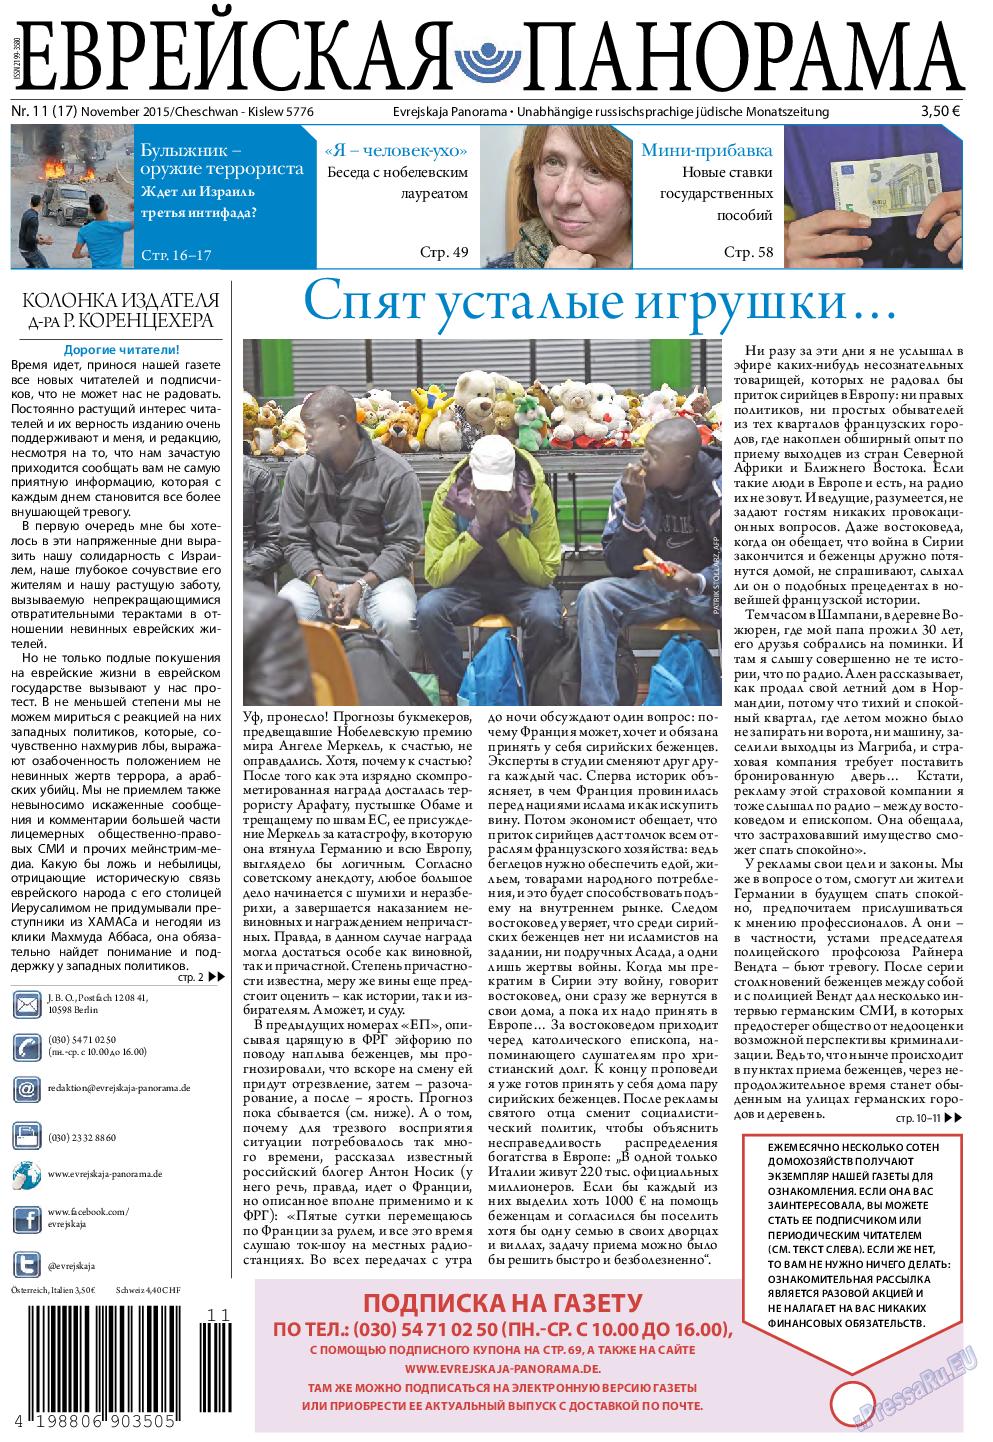 Еврейская панорама (газета). 2015 год, номер 11, стр. 1